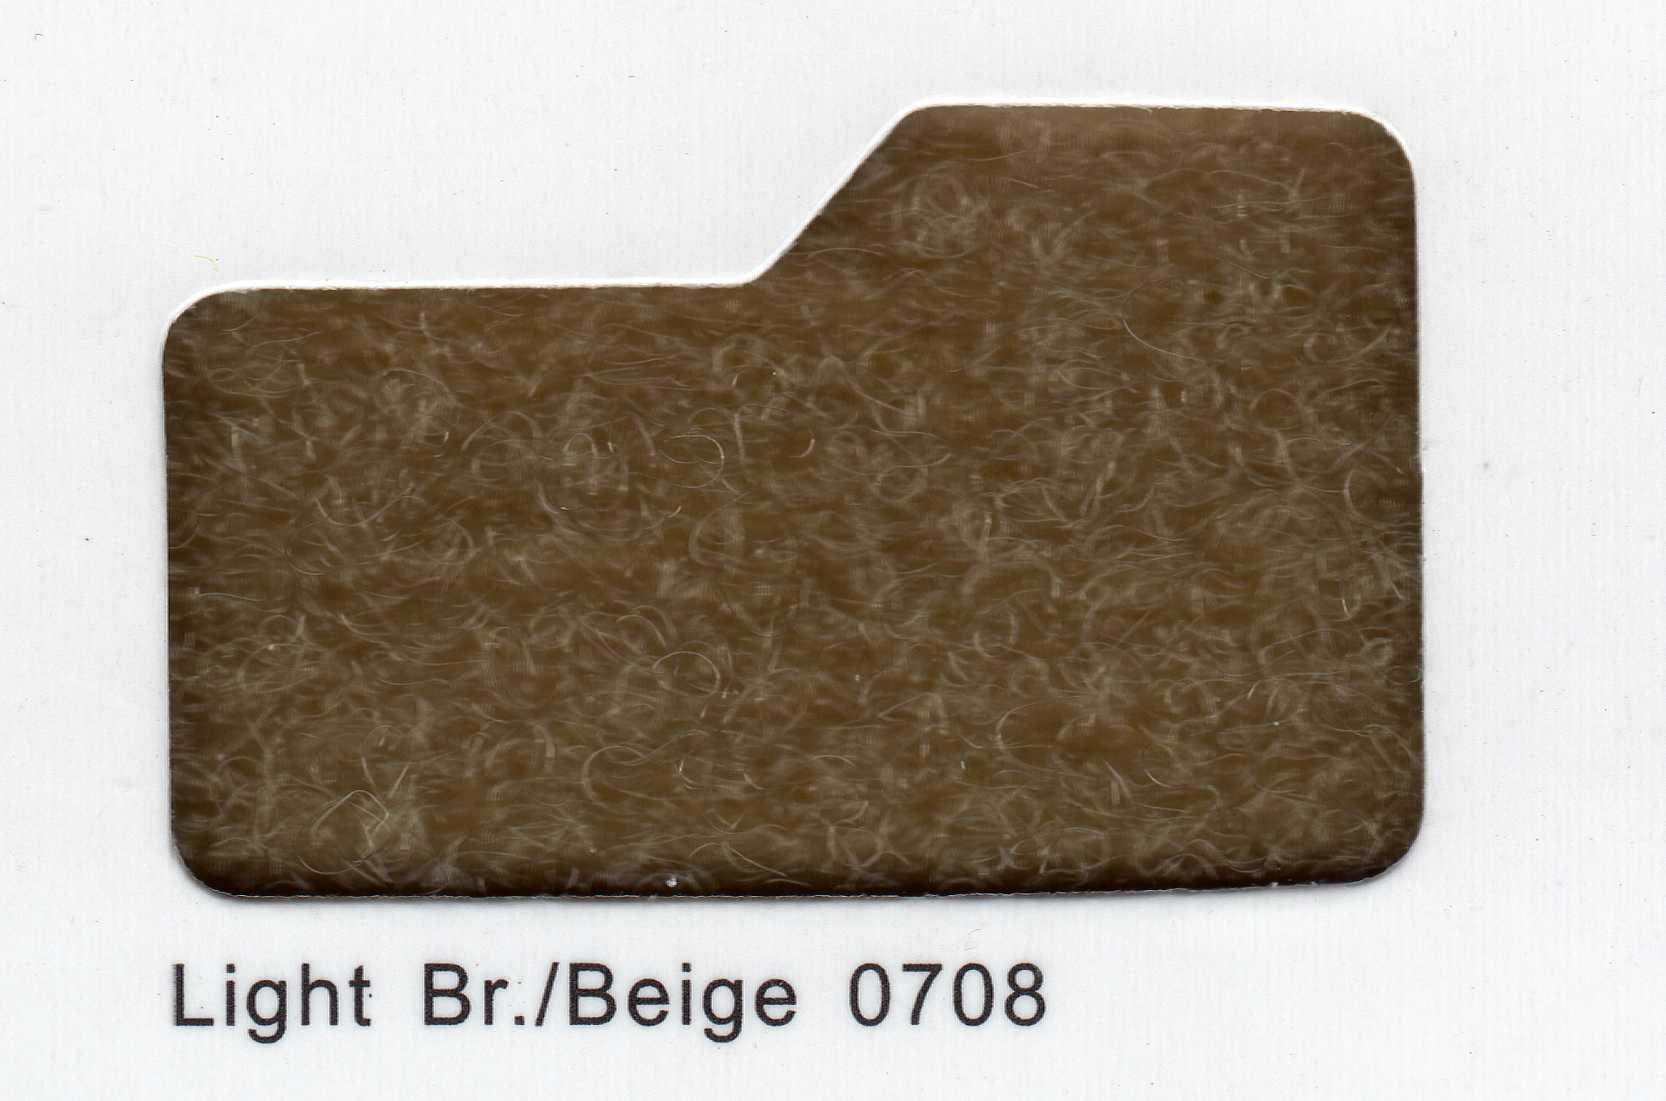 Cinta de cierre Velcro-Veraco 25mm Beige 0708 (Gancho).